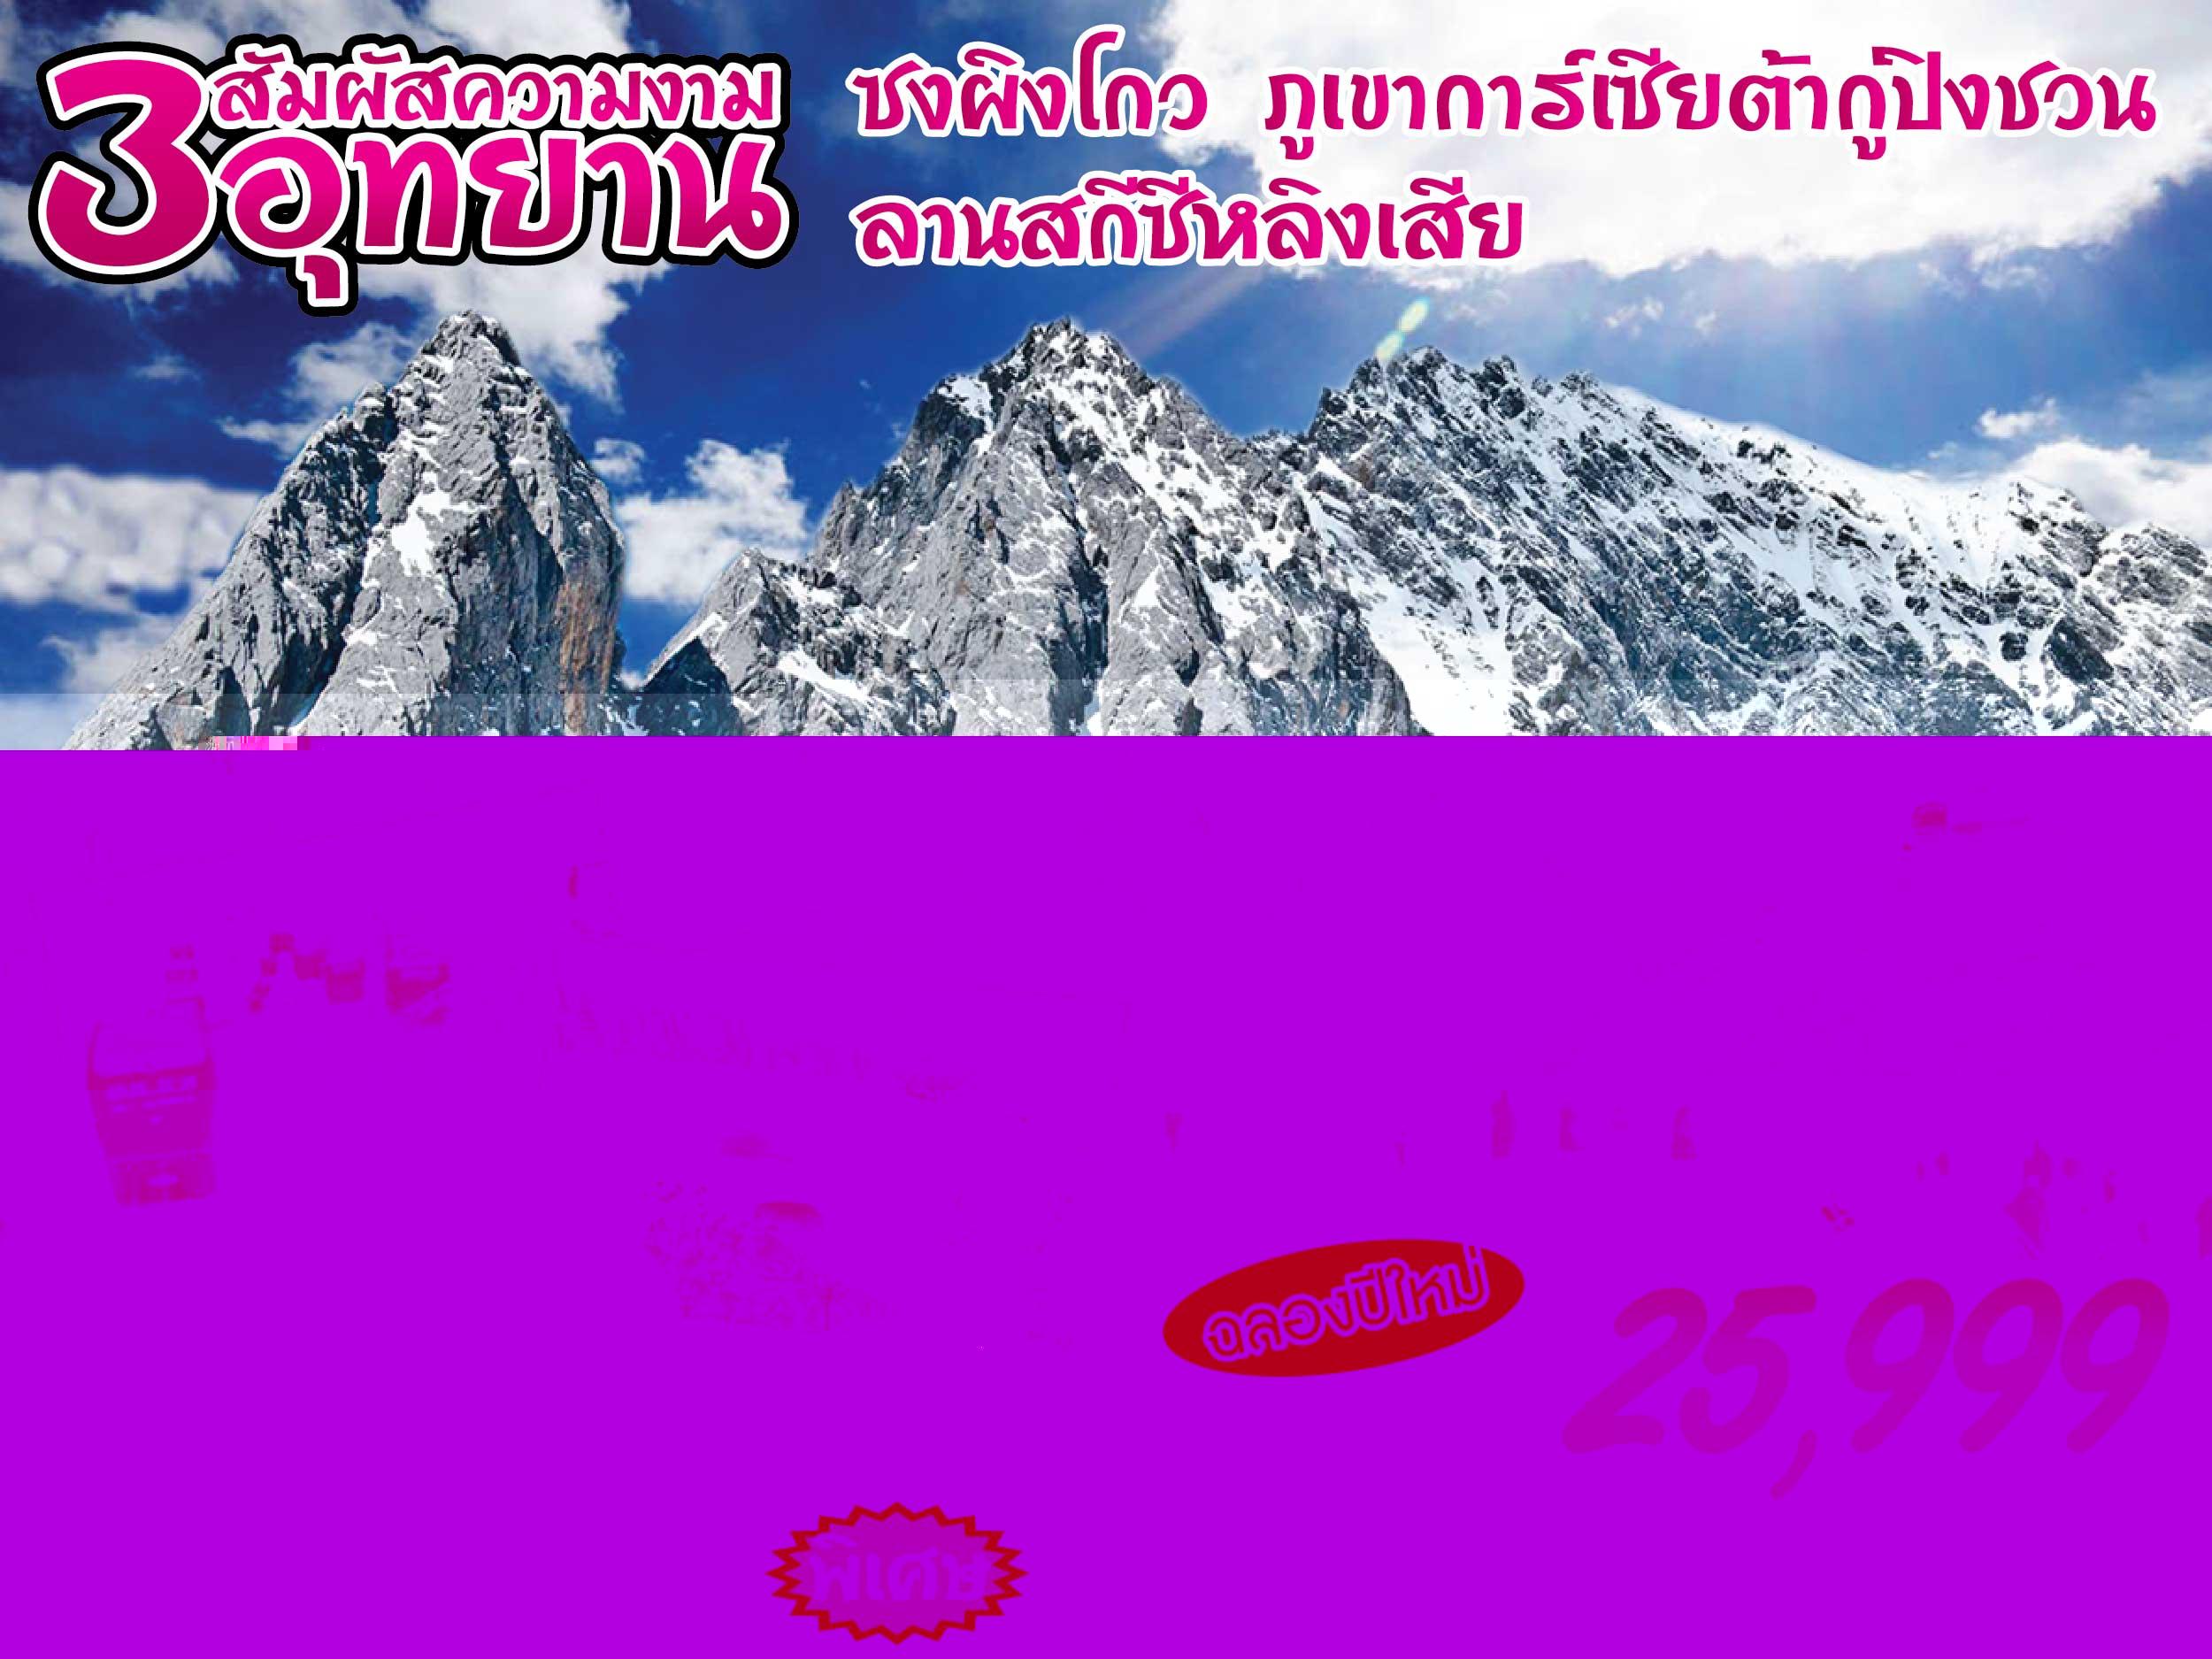 เที่ยว 3 เขาสวยแห่งมณฑลเสฉวน อุทยานซงผิงโกว ภูเขาการ์เซียต้ากู่ปิงชวน ภูเขาหิมะซีหลิง  6 วัน 5 คืน